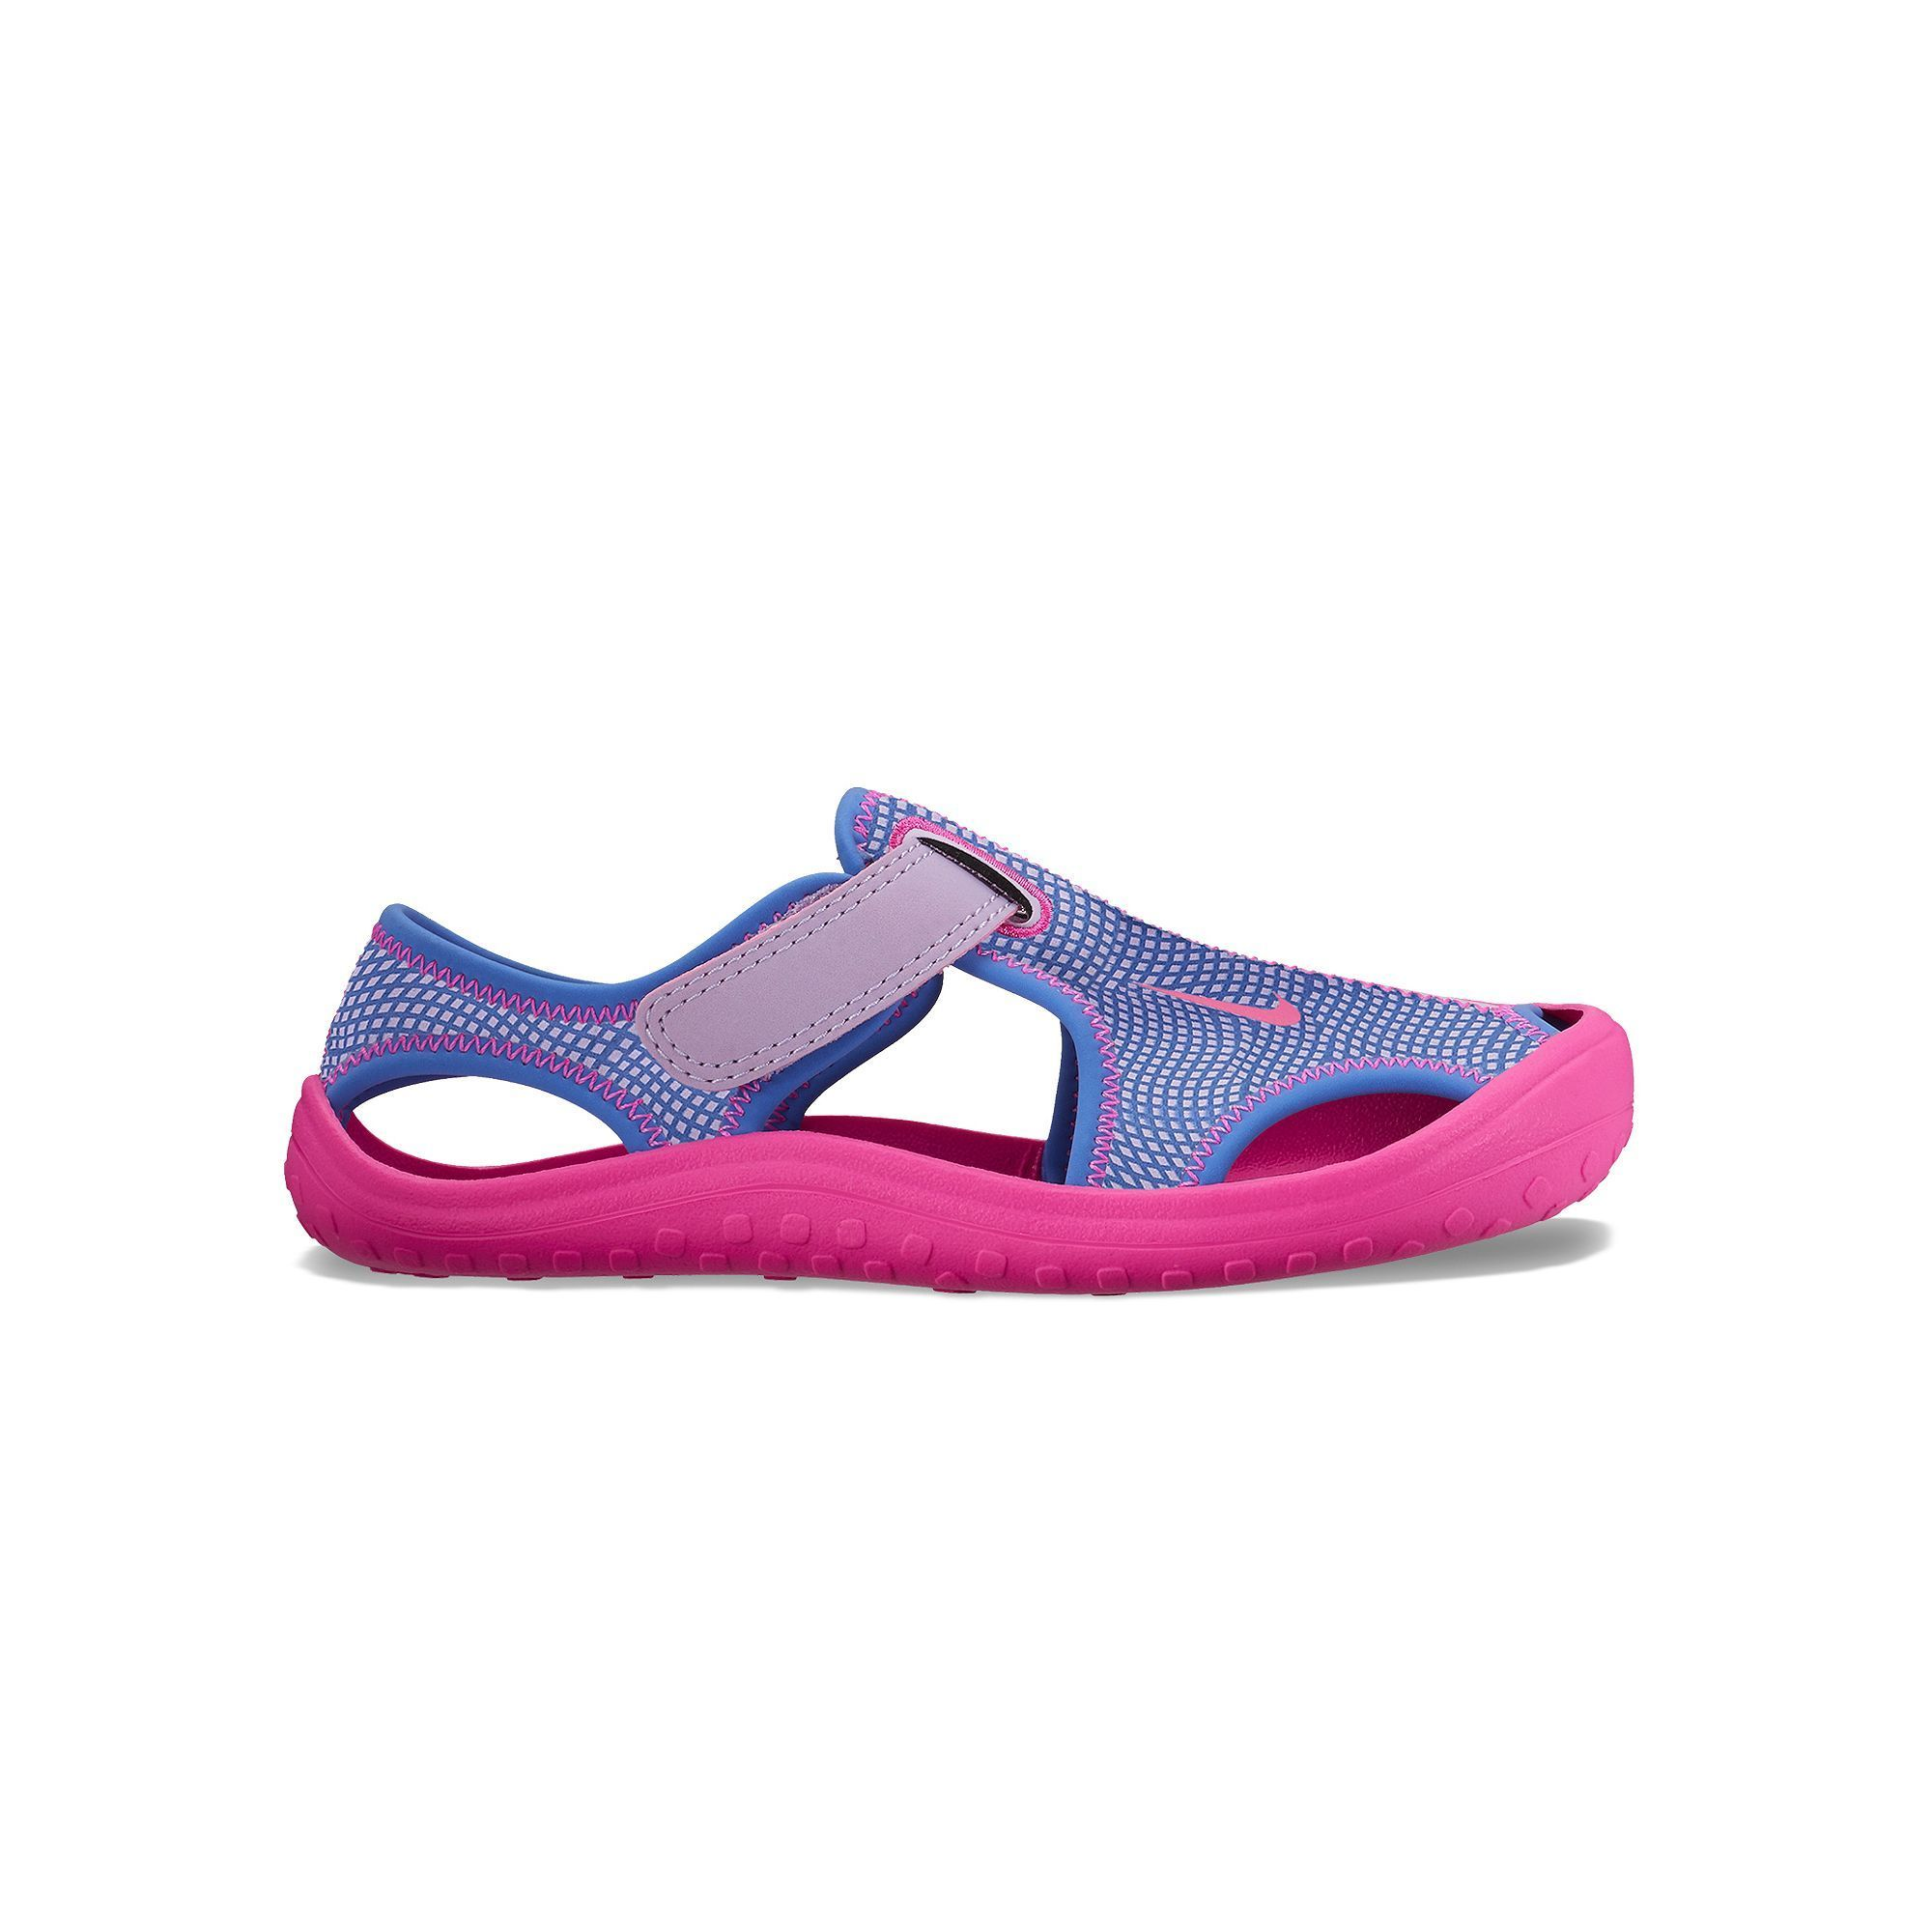 e47b0e6fd9ceb3 ... australia nike sunray protect preschool girls sandals size 1 purple  02cfe 7eb95